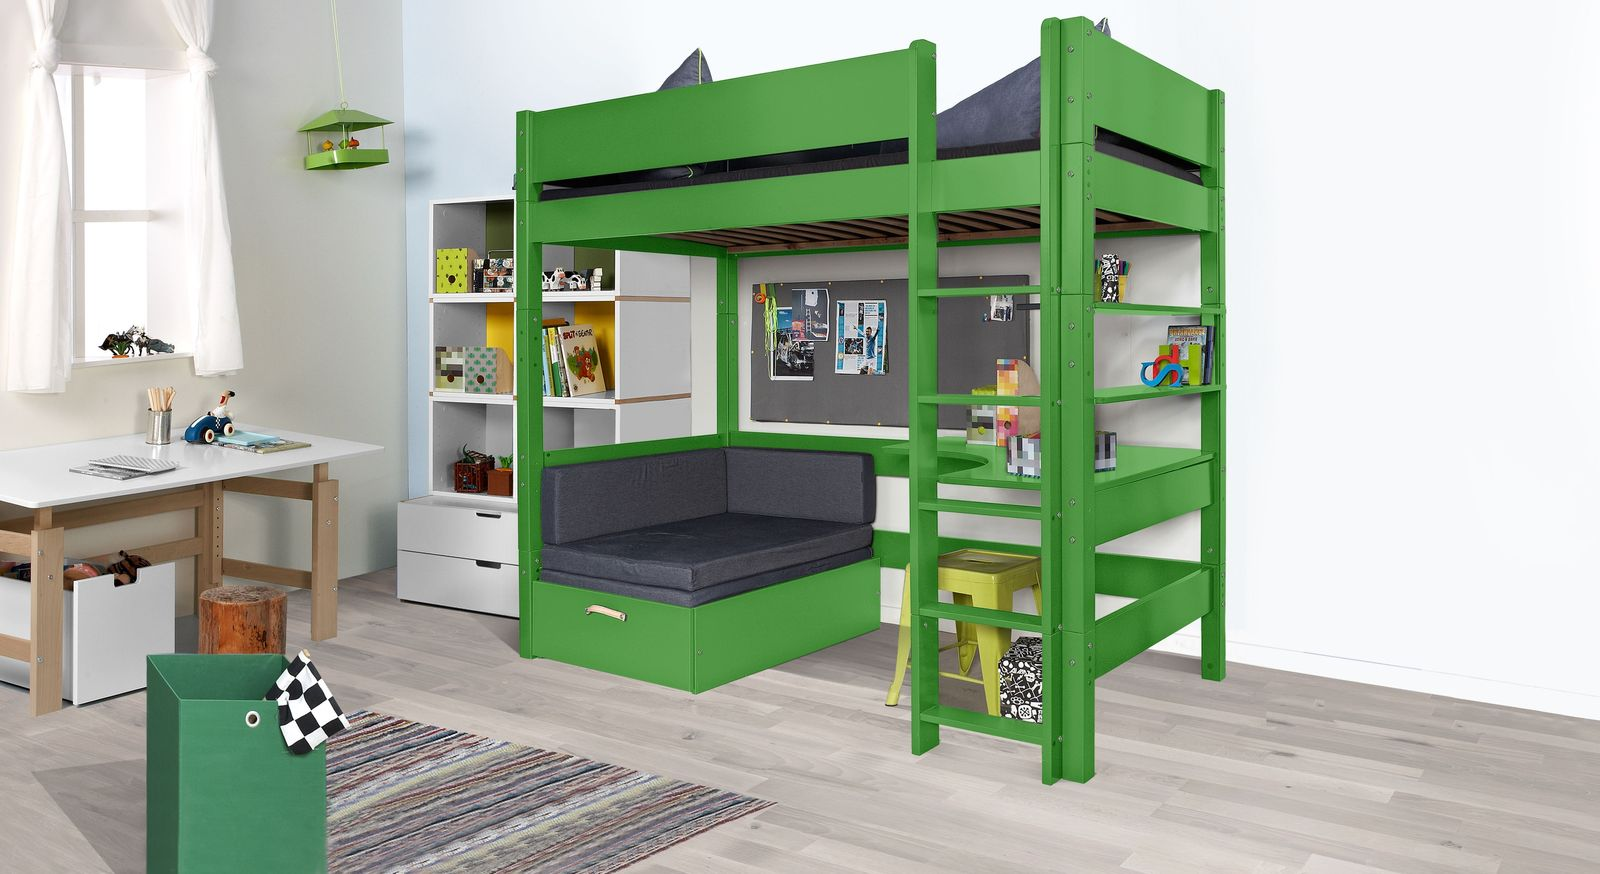 Etagenbett Mit Sofafunktion : Hochbett z b grün in breiten kids town color mit ausziehsofa